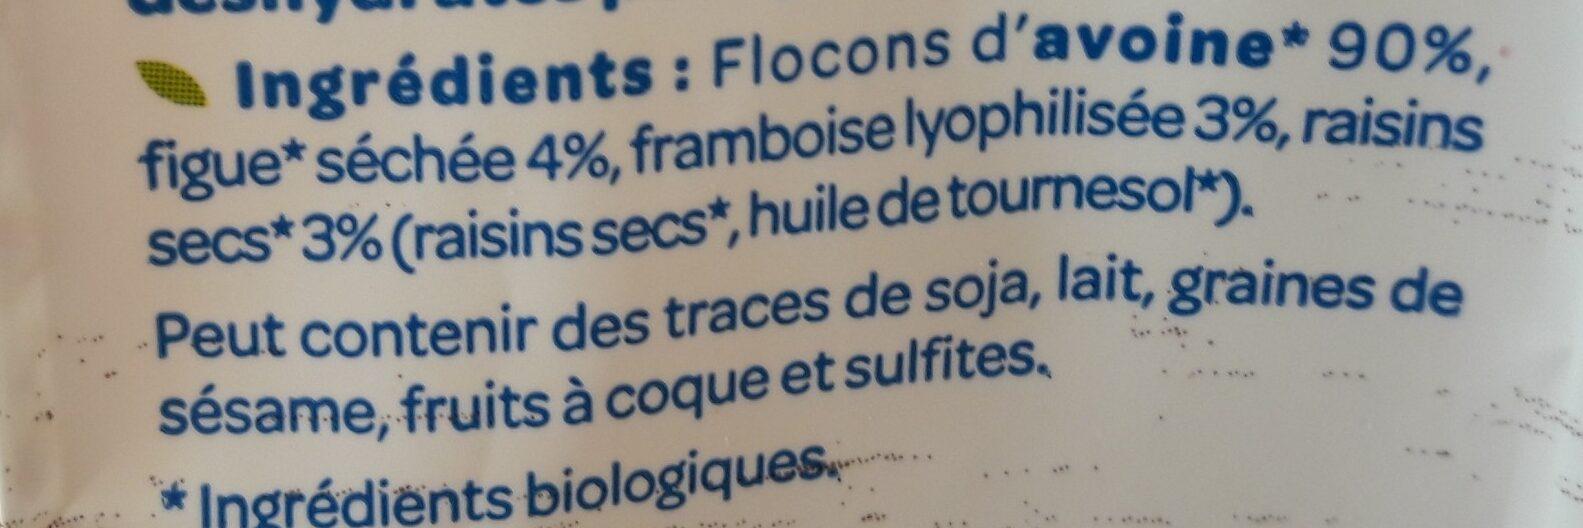 Porridge figue framboise - Ingredients